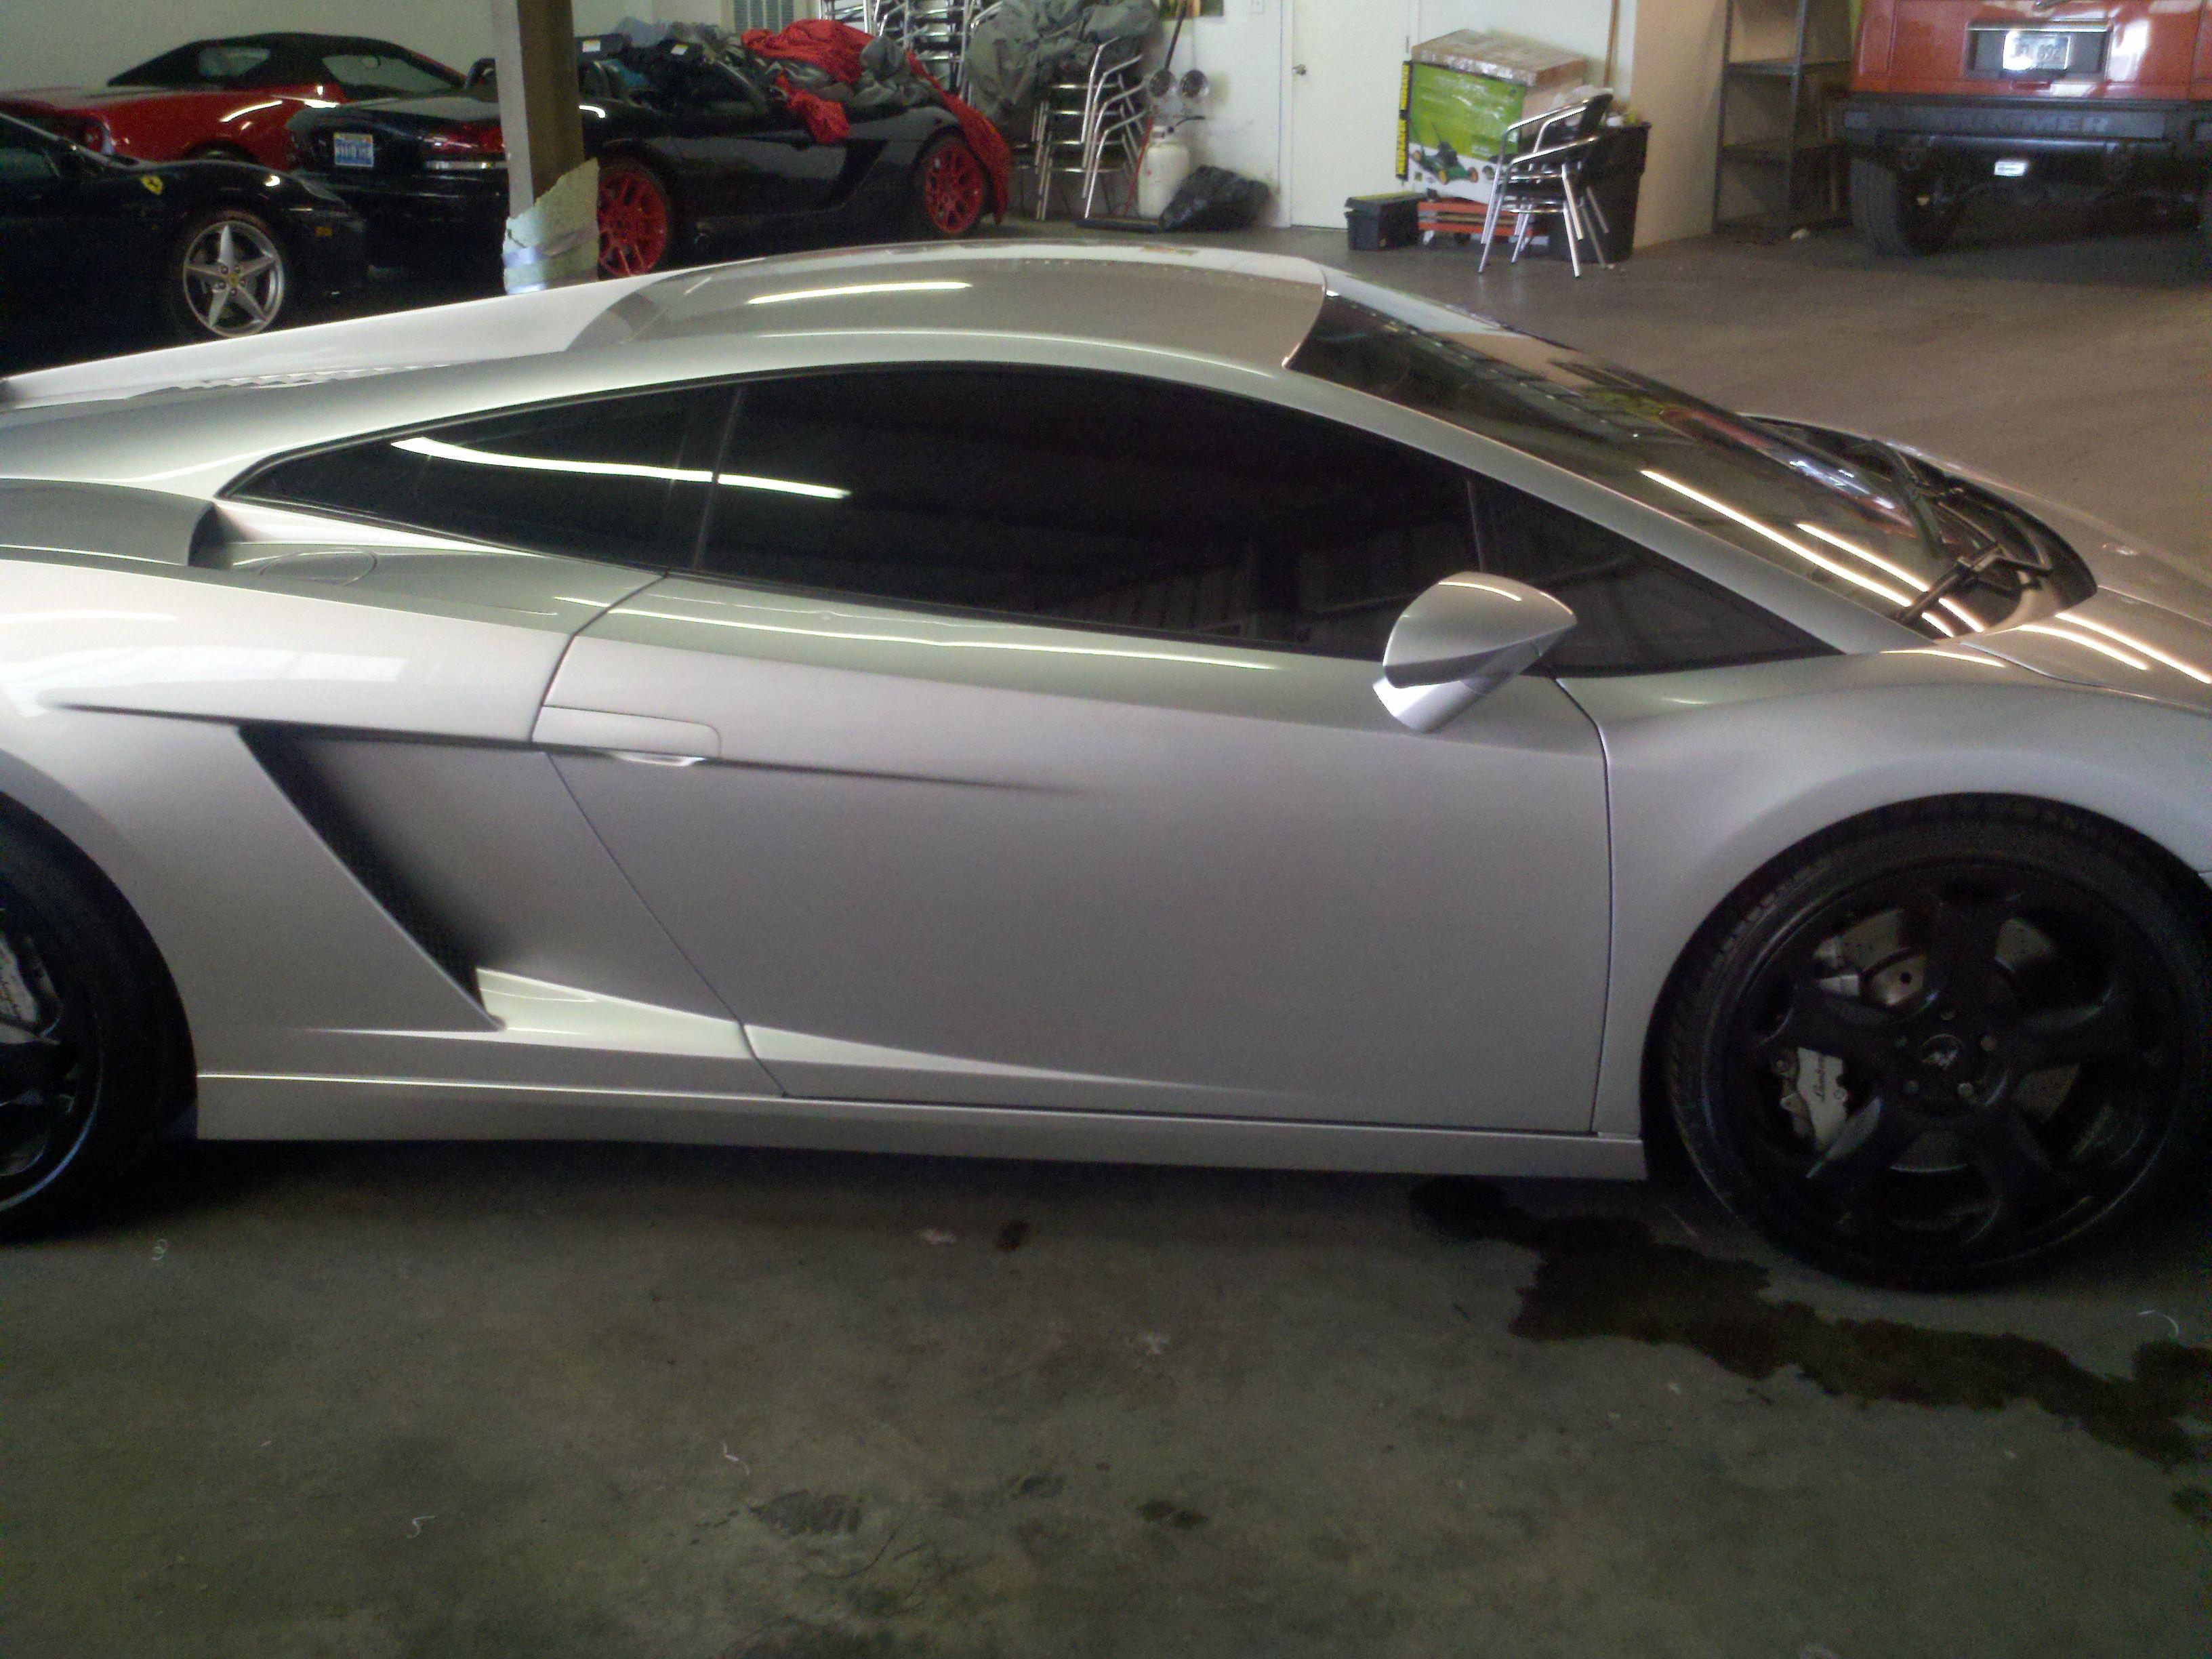 Beautifiul Lamborghini Tinted By Time 2 Tint Window Tinting